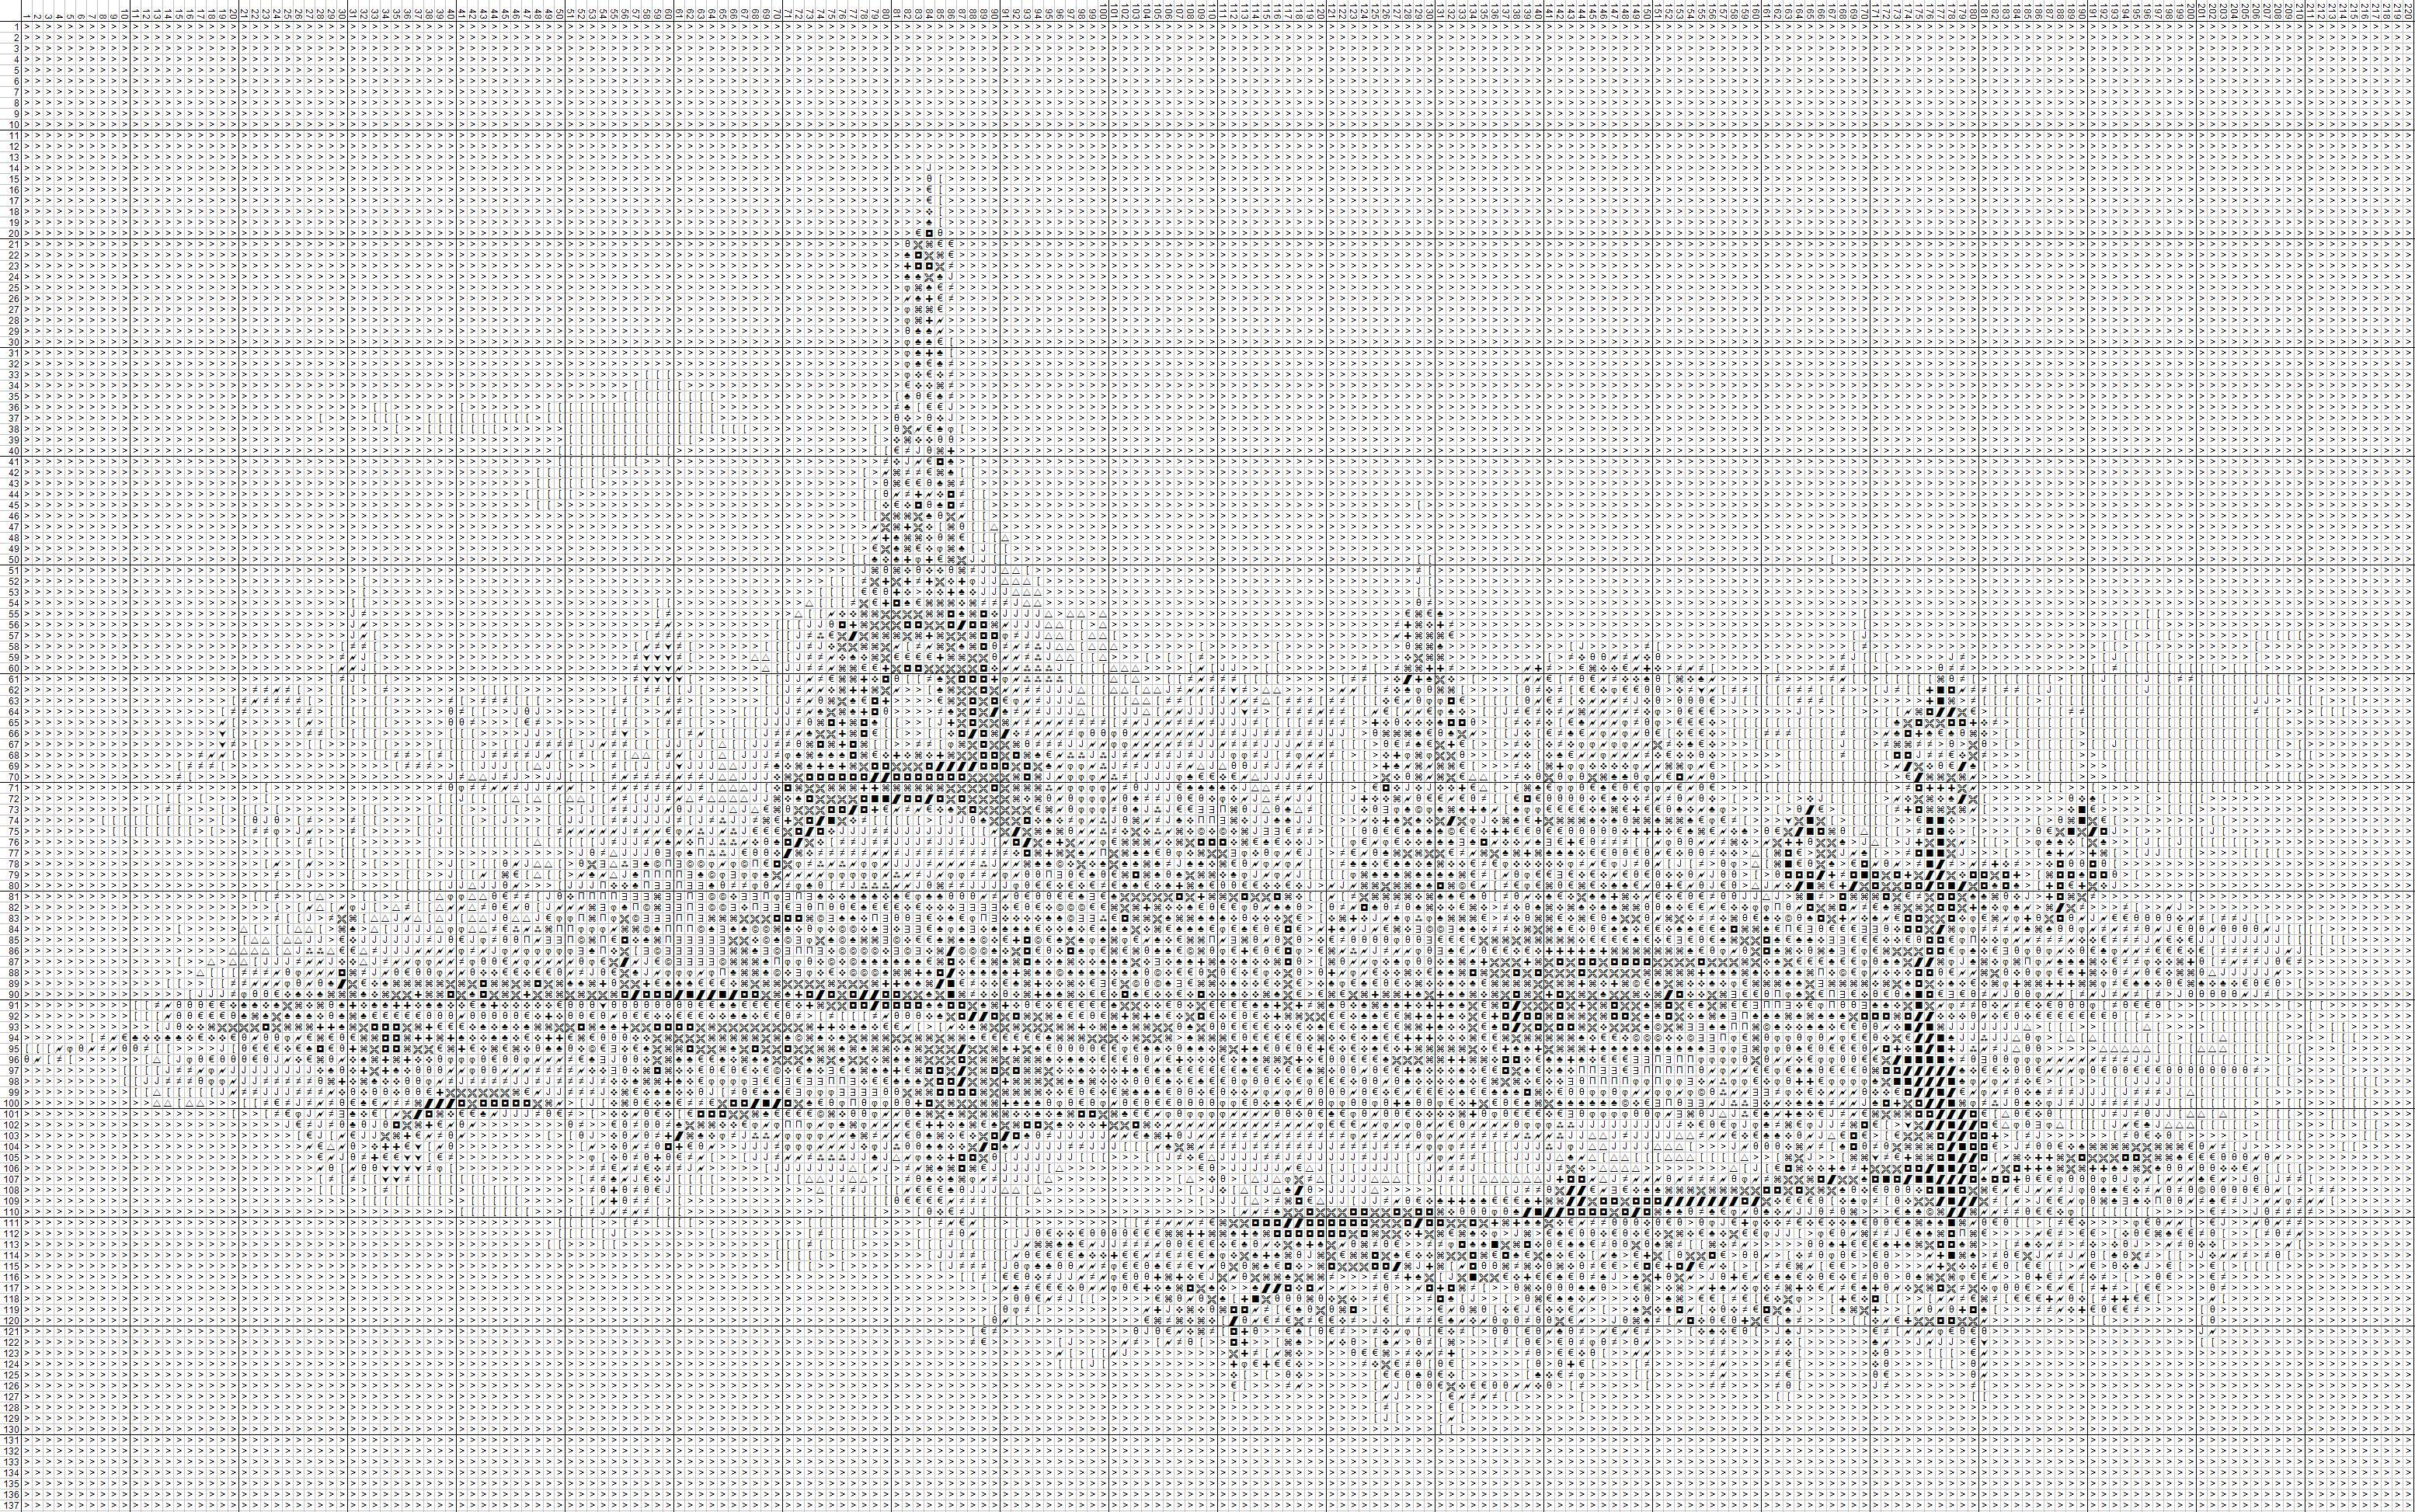 Вышивка эйфелева башня схема маленькая 40